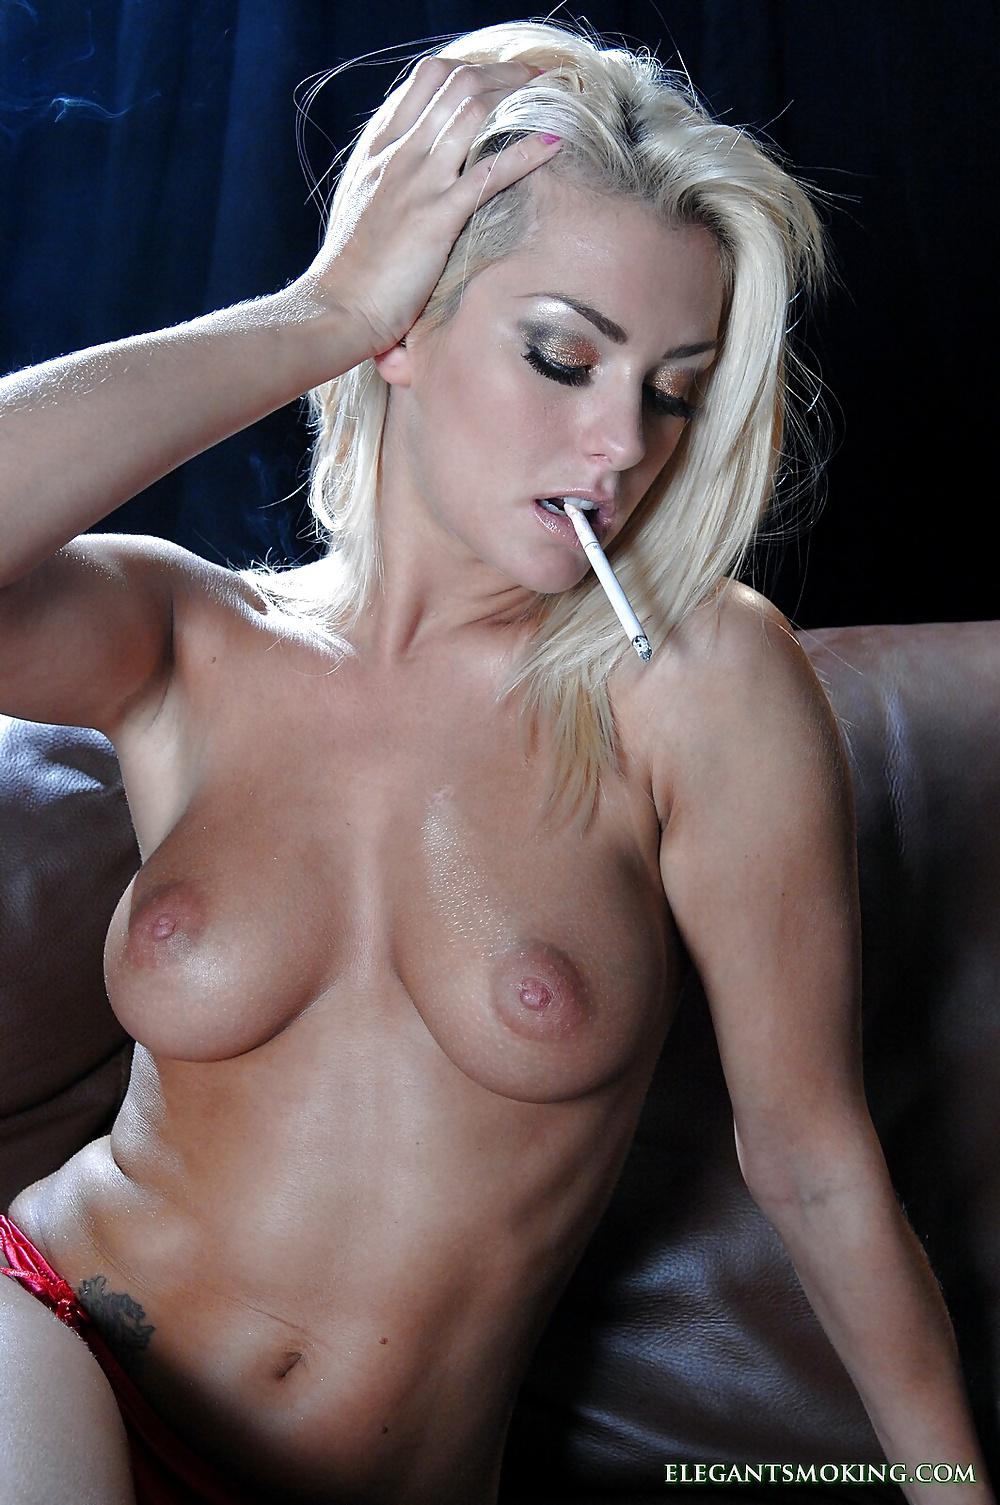 Naked hot girls that smoke weed